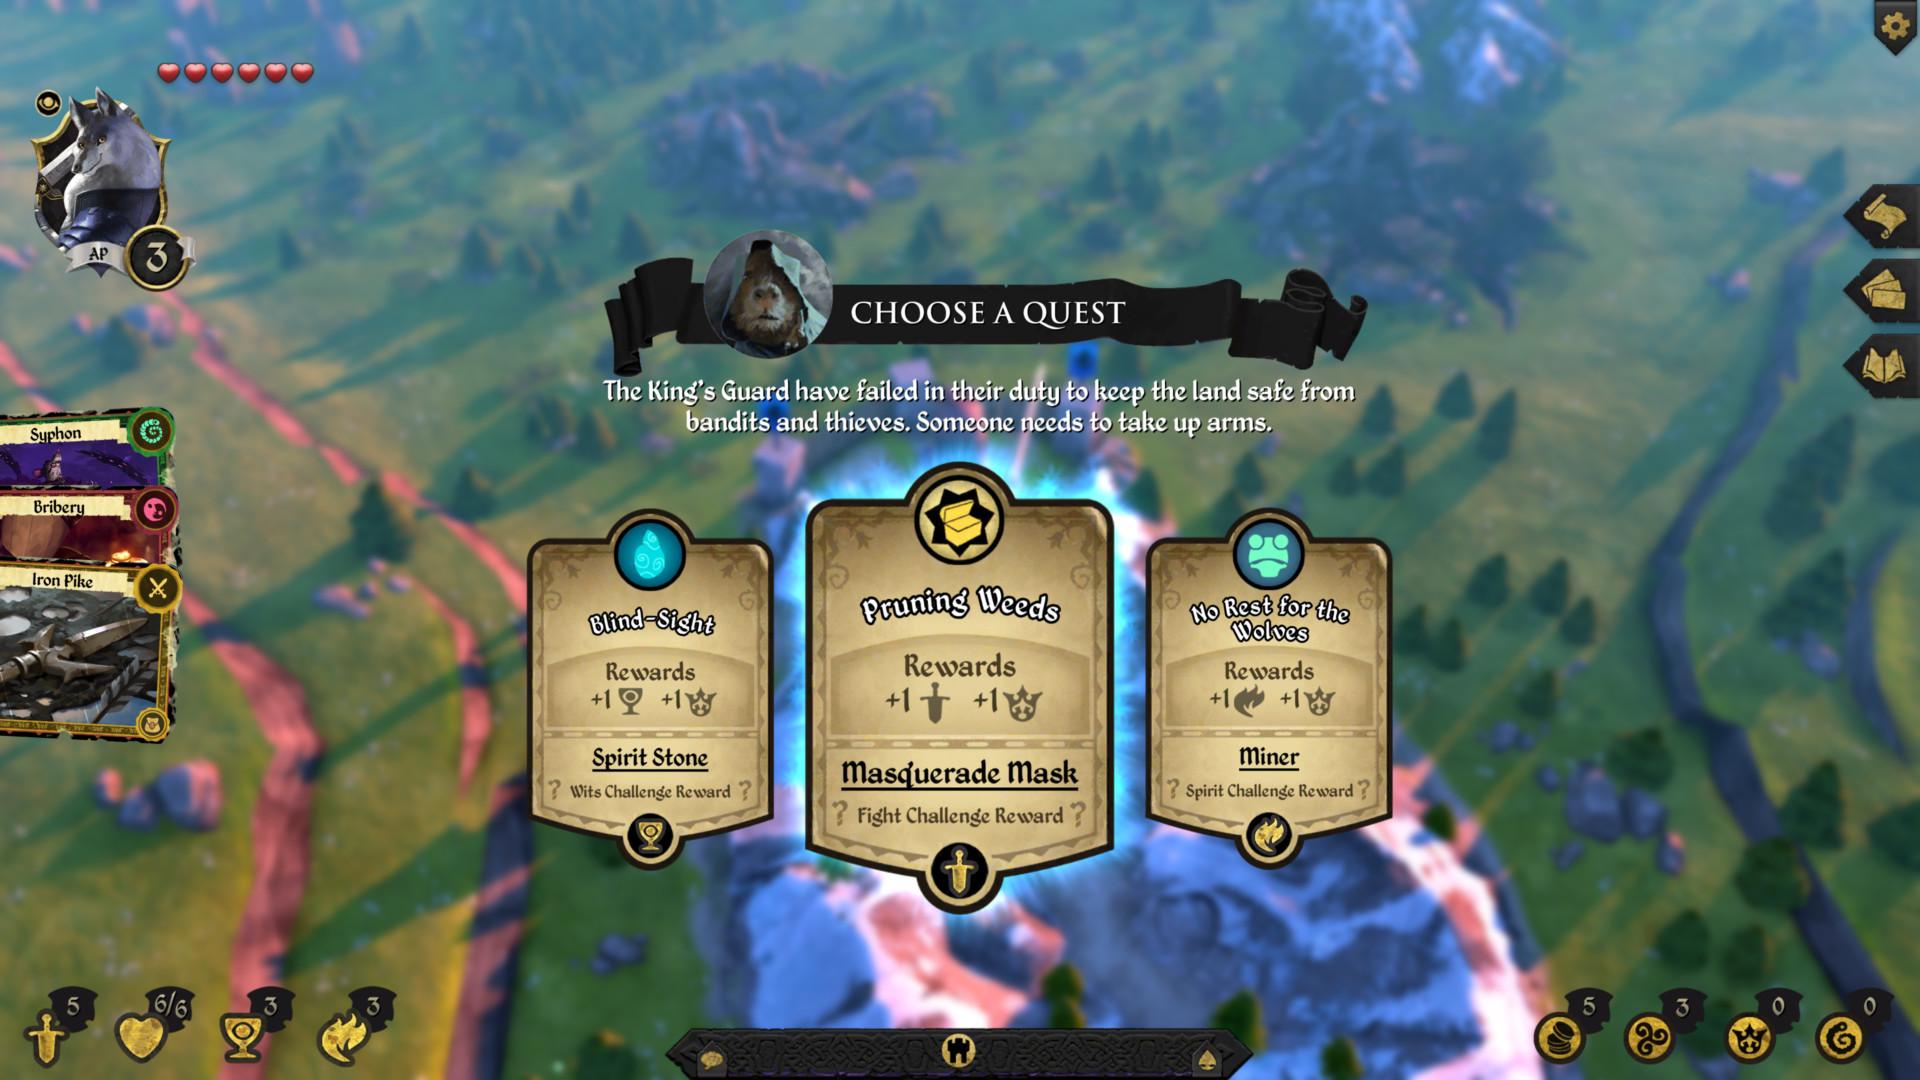 armello-choose-a-quest